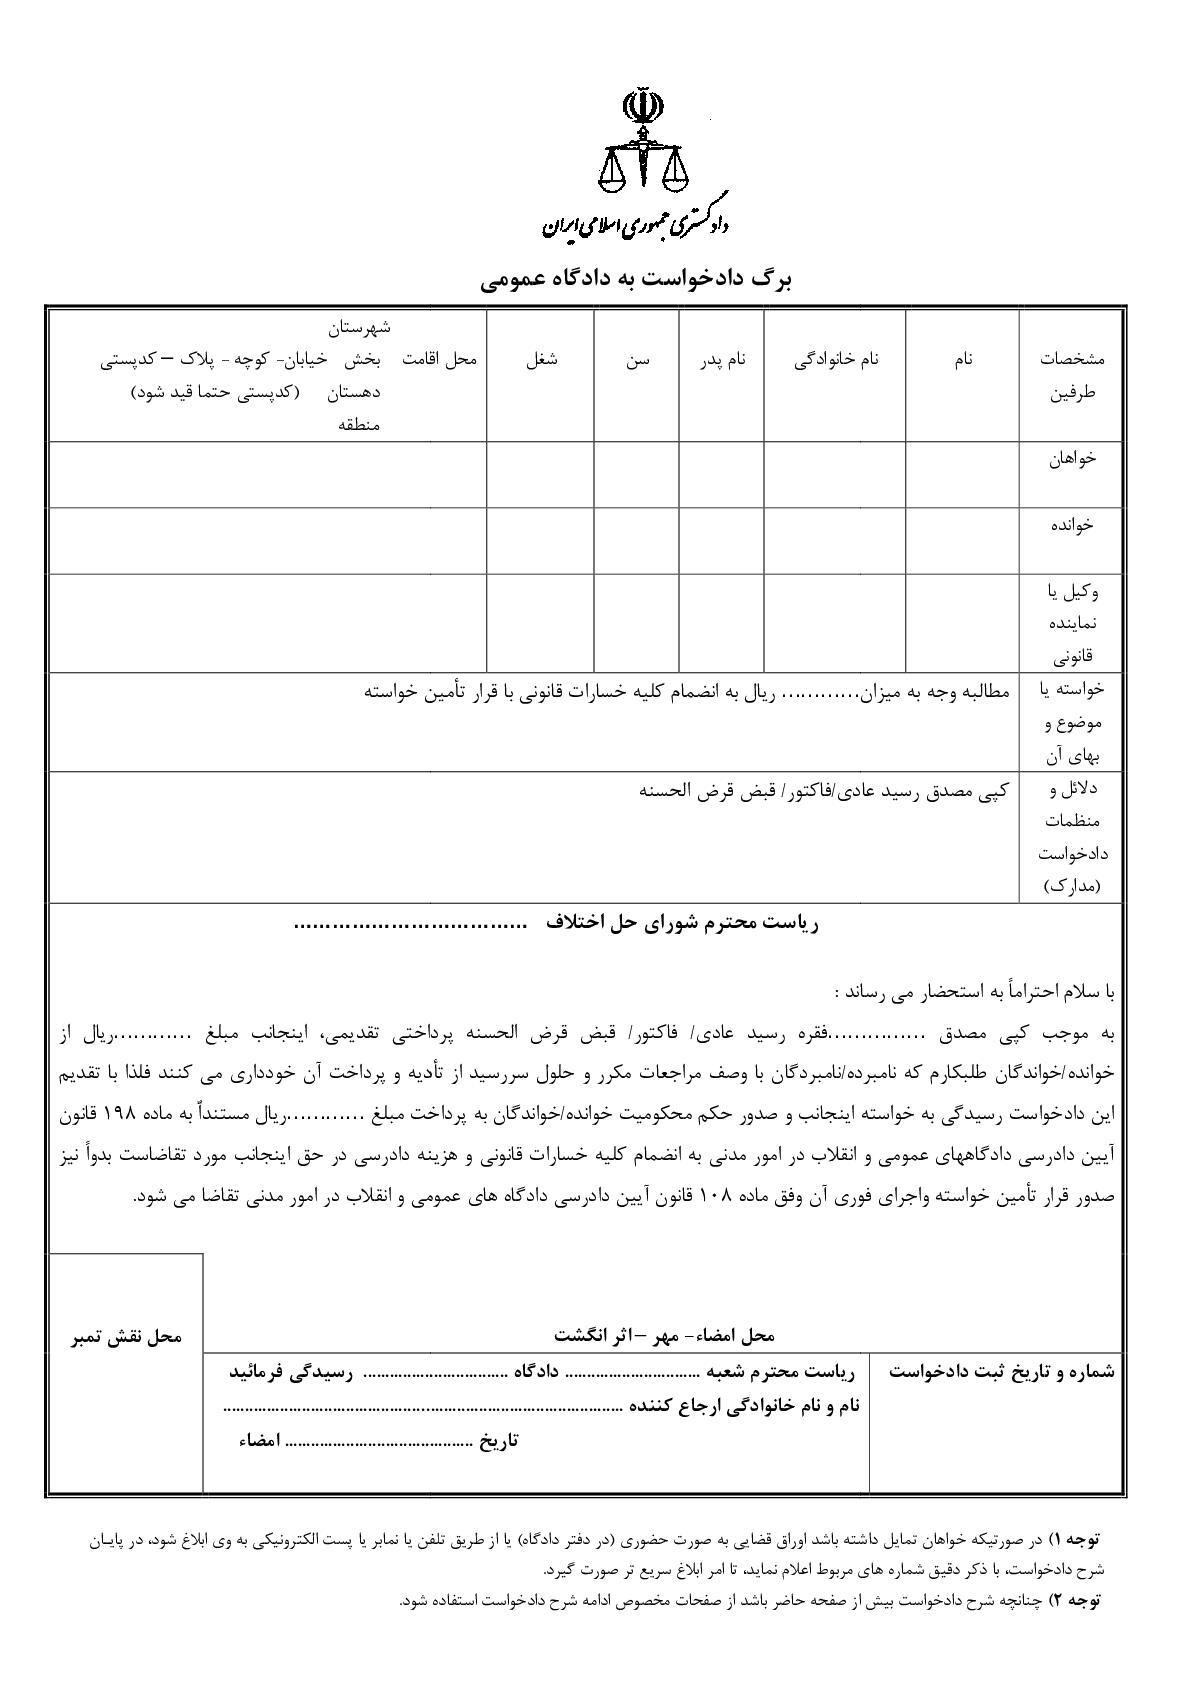 دادخواست مطالبه وجه رسید عادی/فاکتور/قرض الحسنه با قرار تامین خواسته(از شورای حل اختلاف)